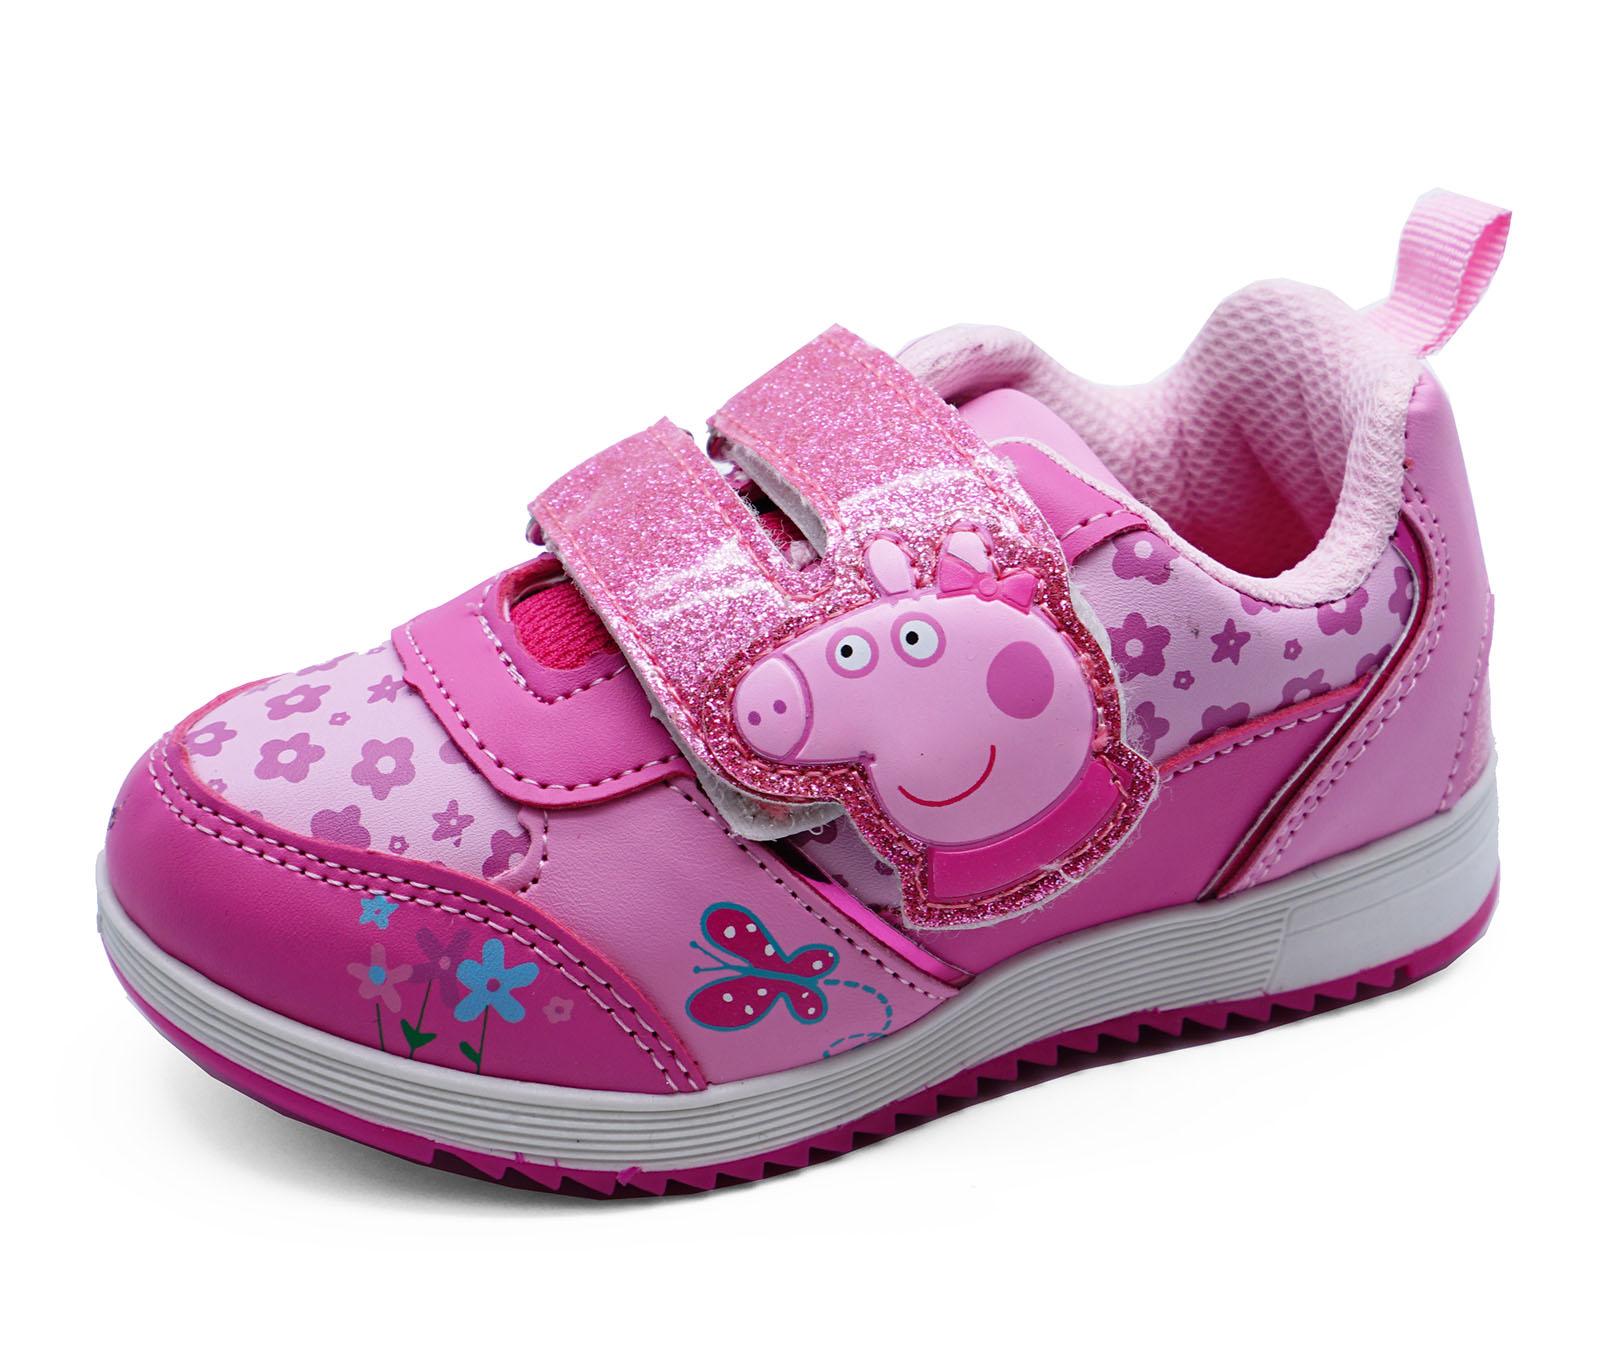 Niños Niñas Rosa Peppa Pig Zapatillas BONITO Zapatillas Planas Zapatos UK 5-10